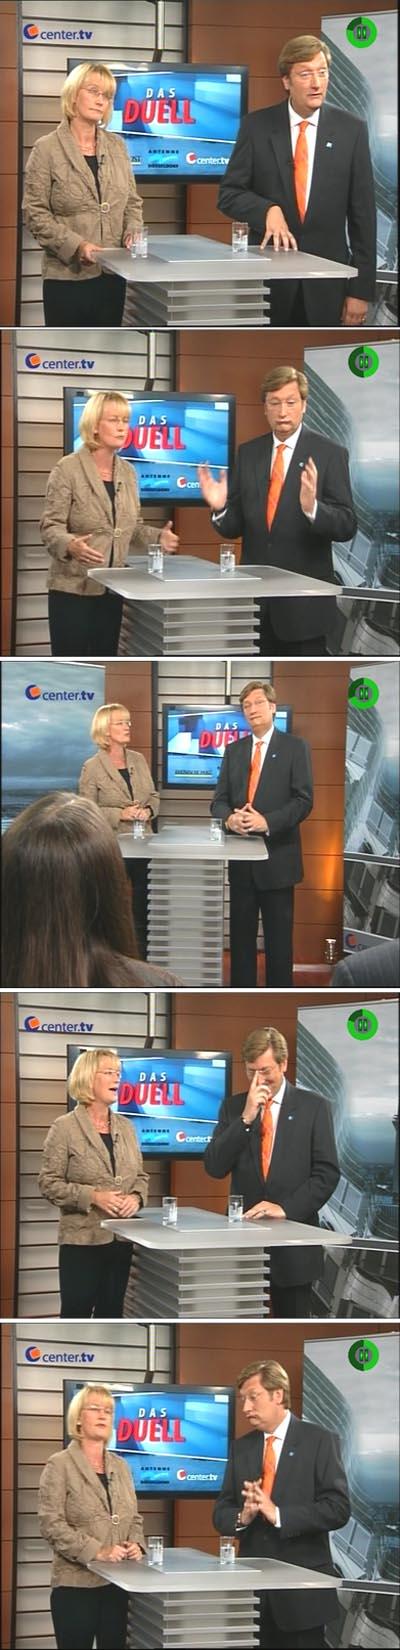 Bei Center.tv gab's ein TV-Duell mit den beiden aussichtsreichsten Kandidaten: Karin Kortmann oder Dirk Elbers. Wen würdest du wählen?